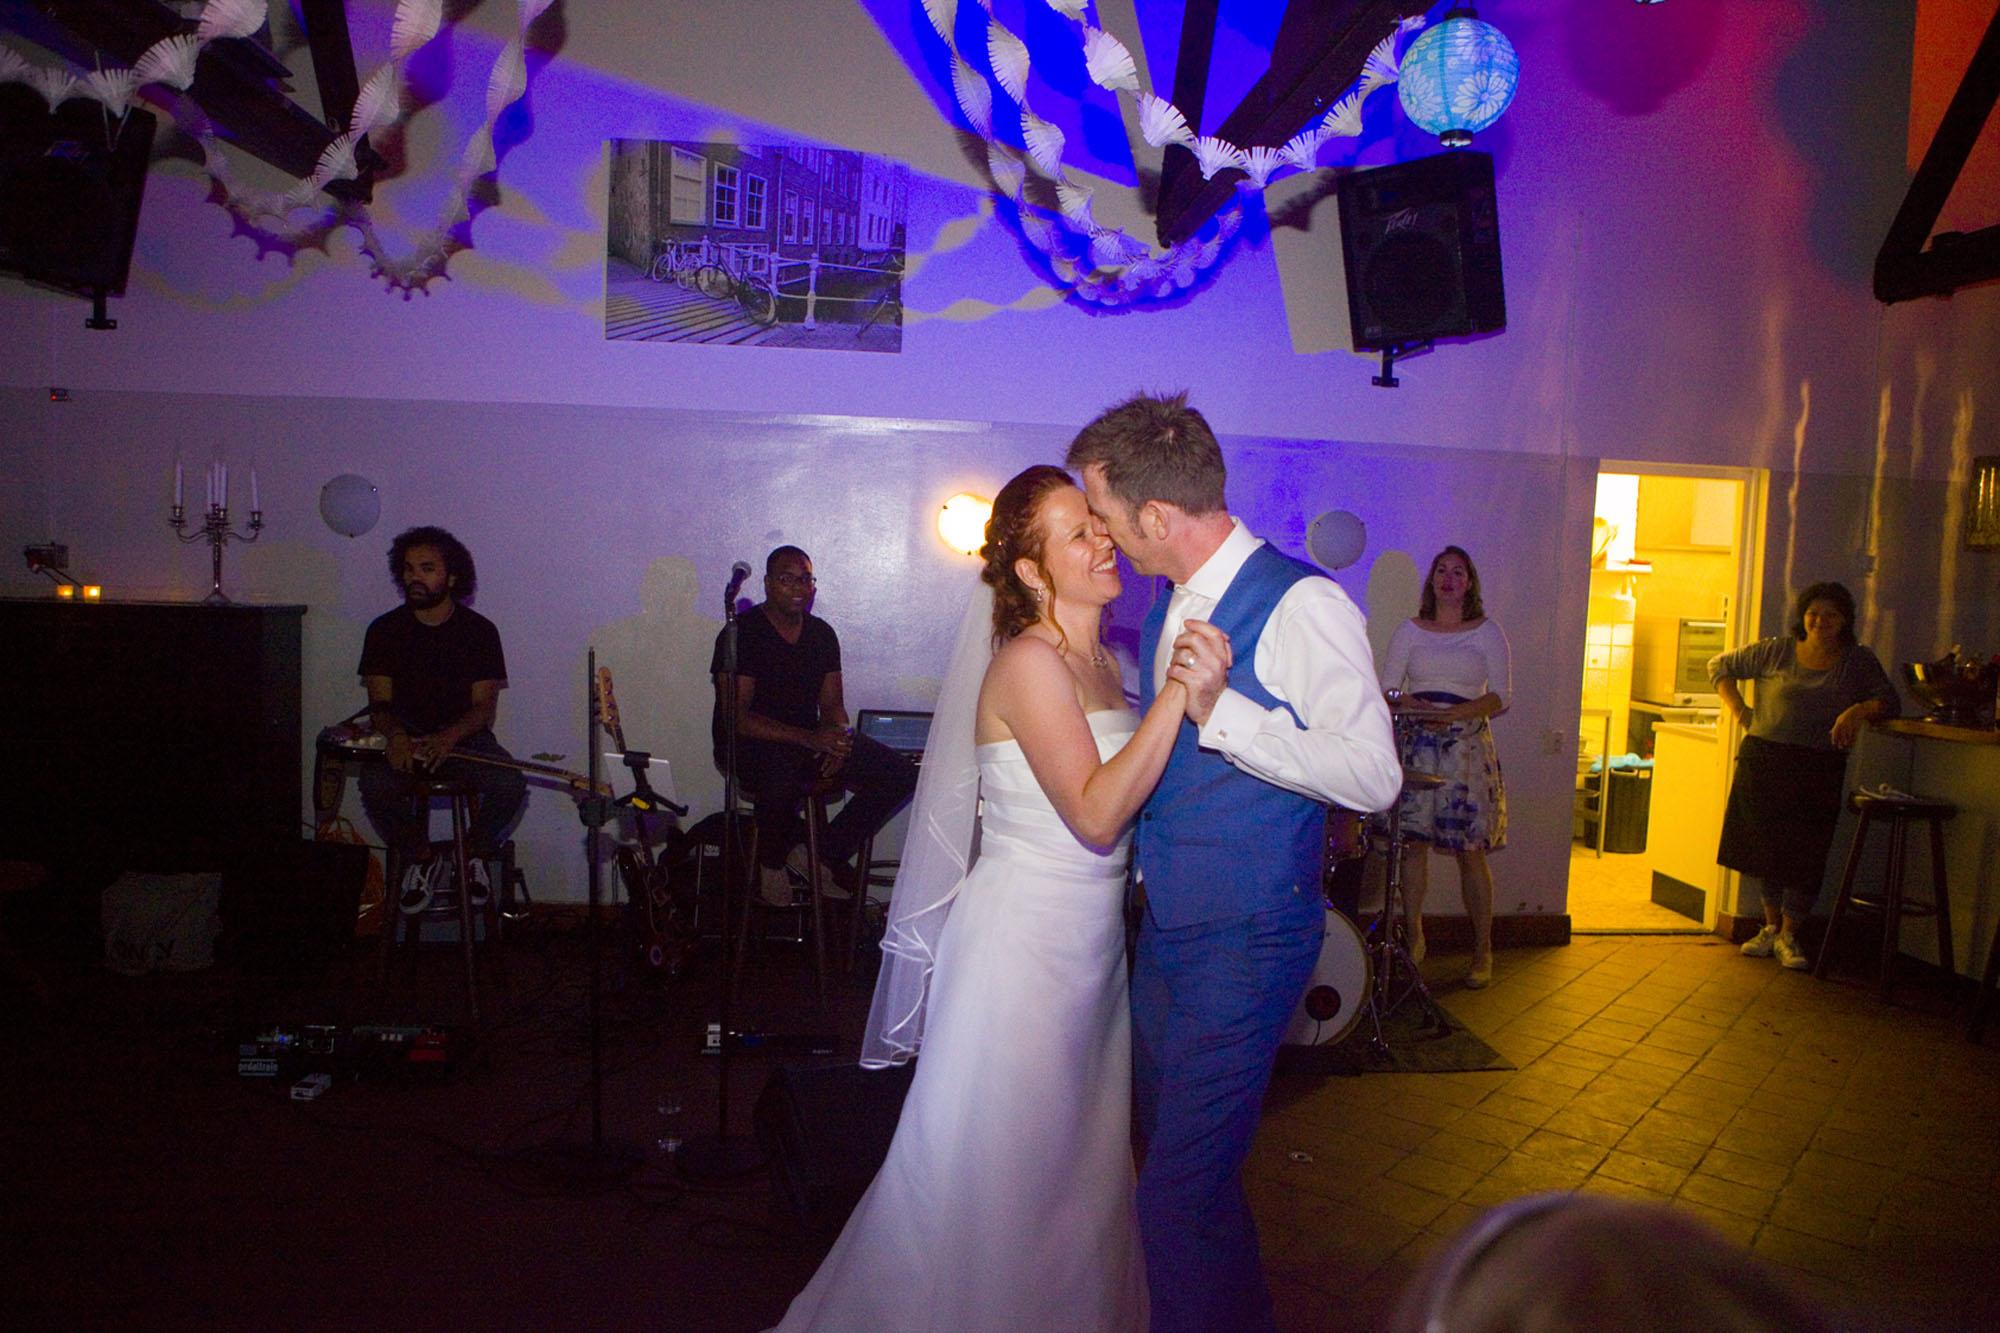 Openingsdans trouwfeest bruiloft Hertenhorst in Delft Delftse Hout